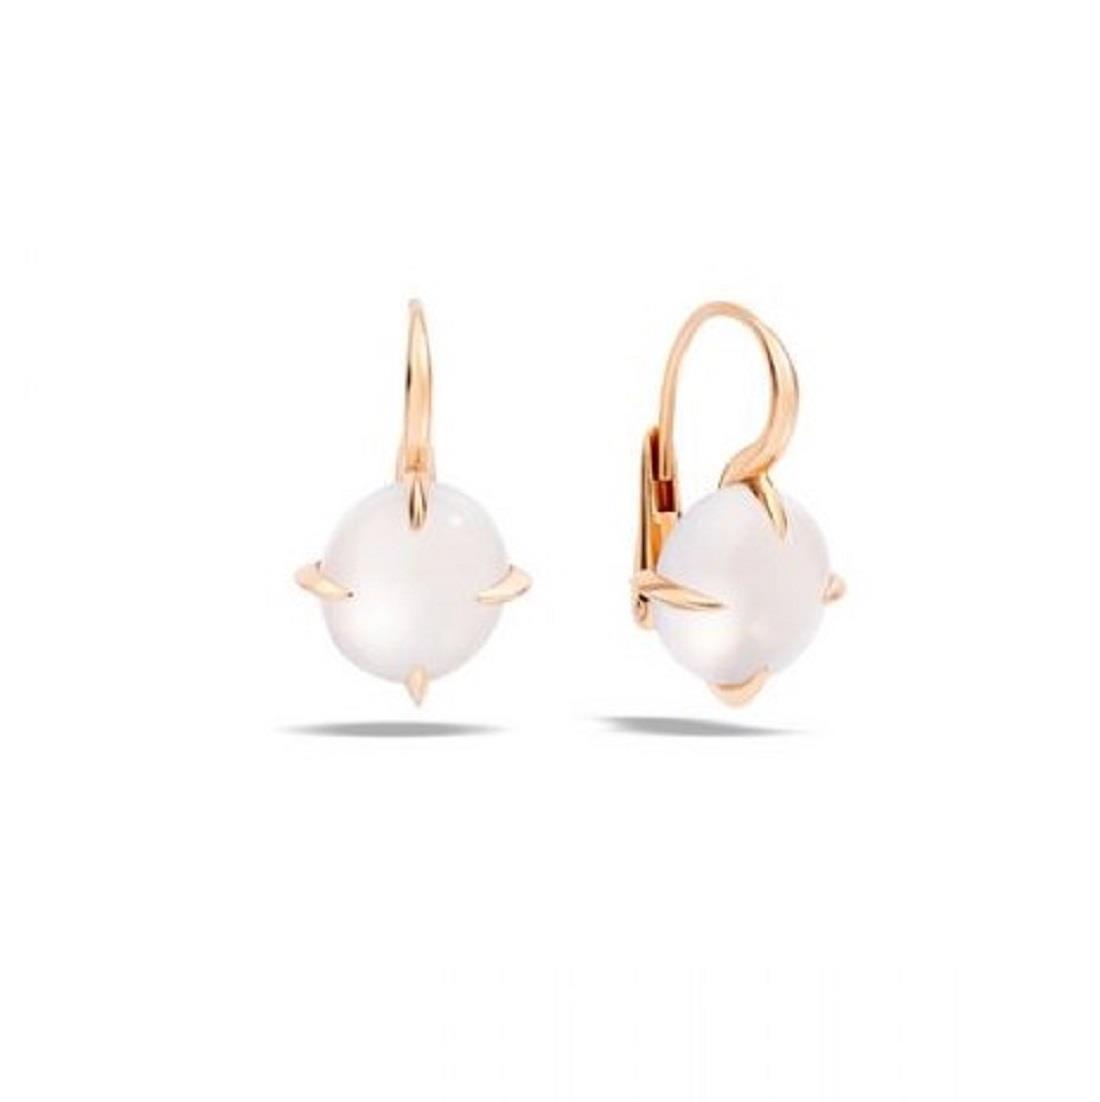 Earrings with white quartz - POMELLATO